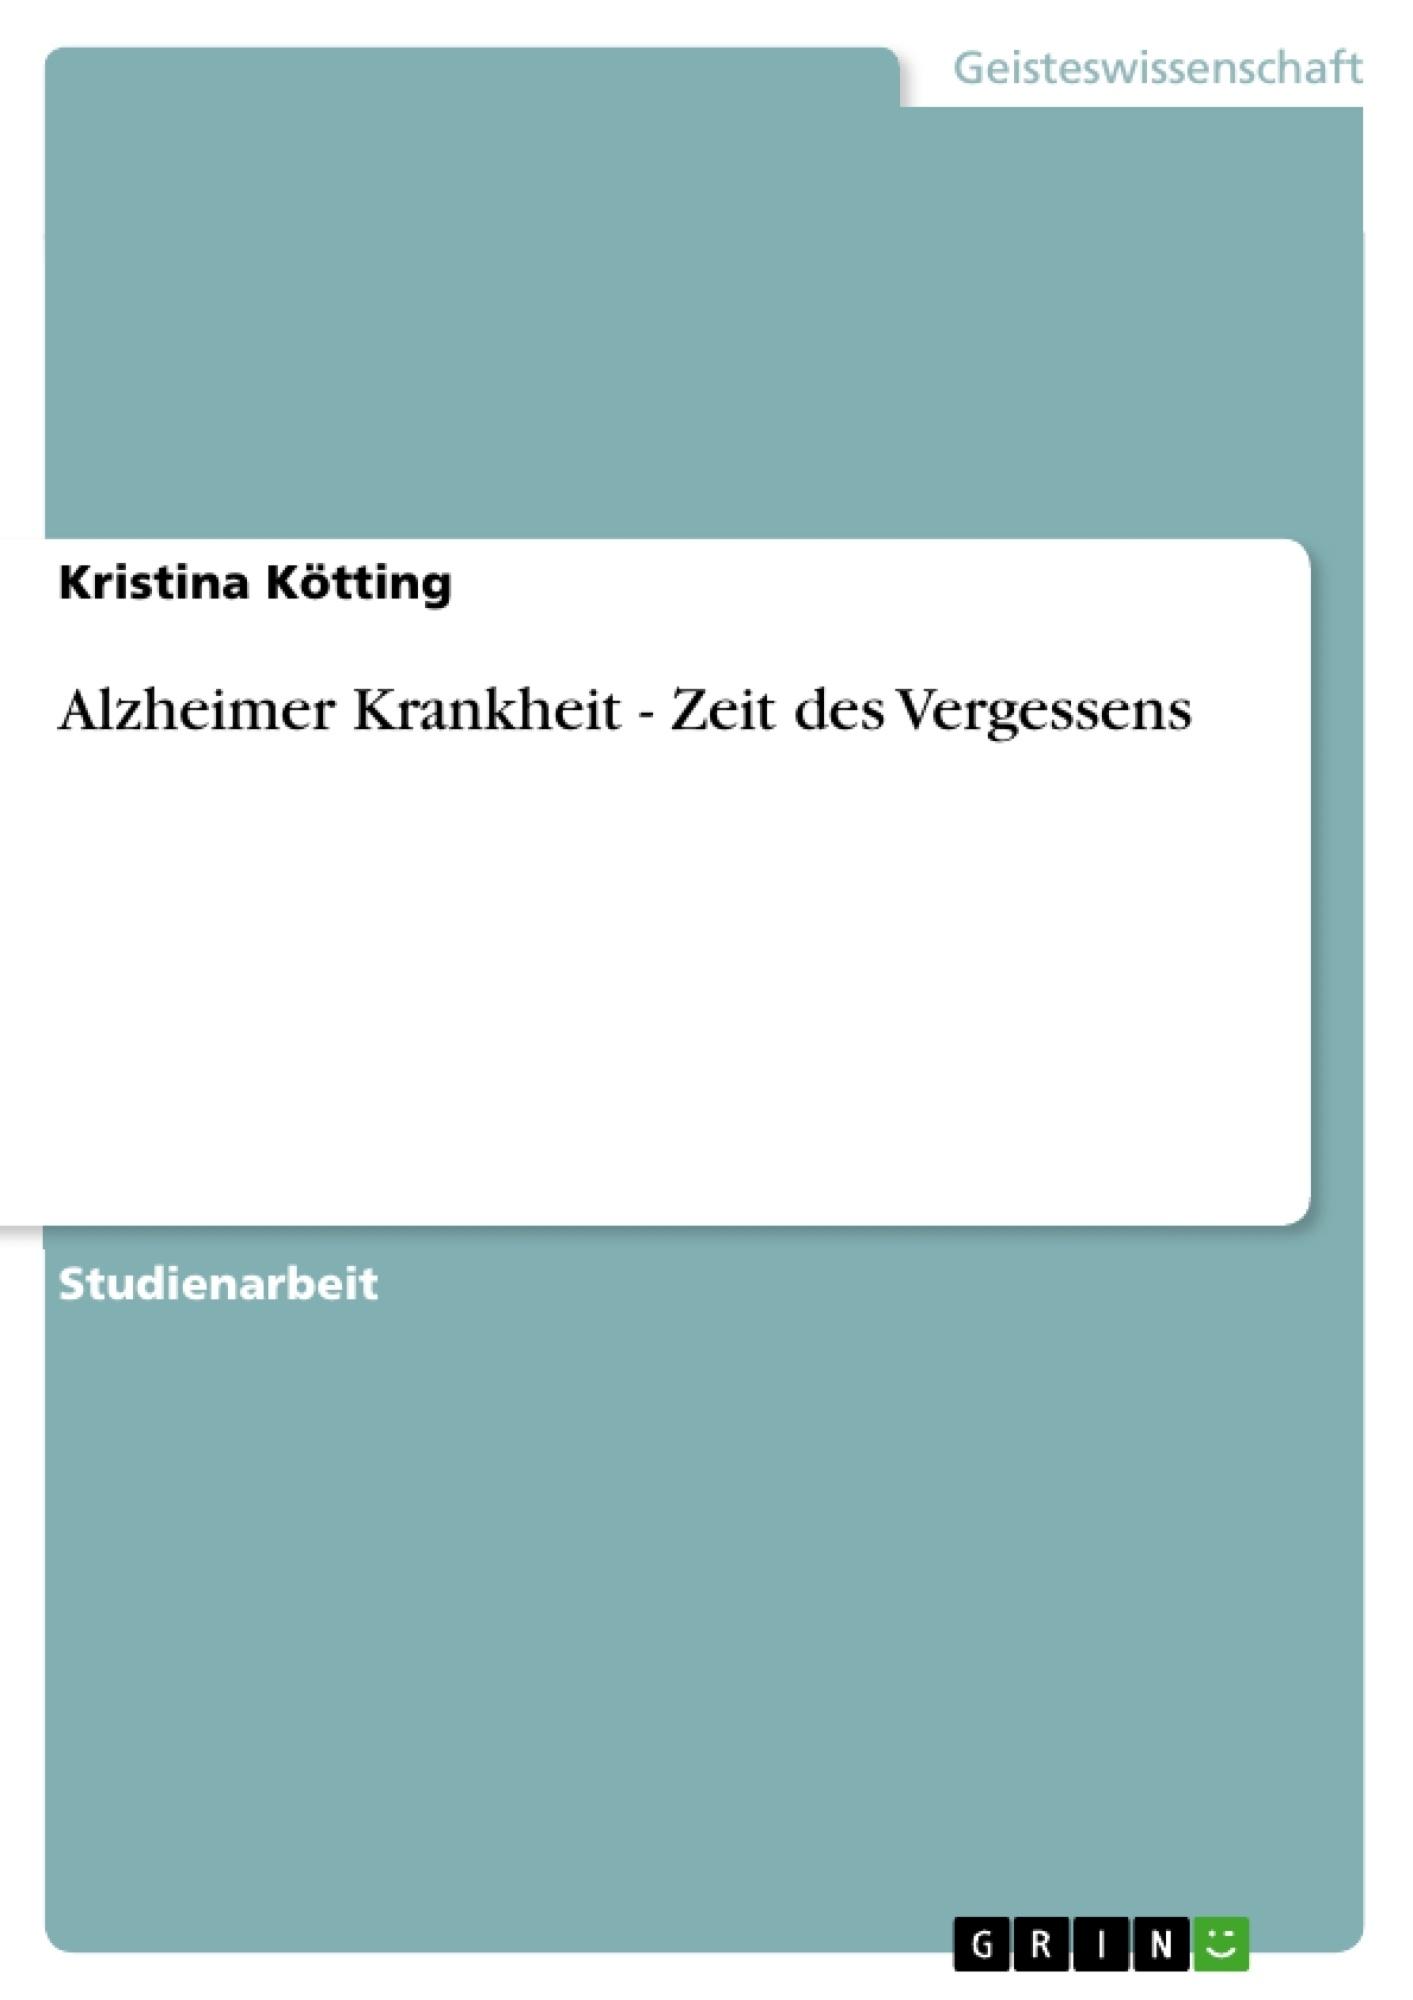 Titel: Alzheimer Krankheit - Zeit des Vergessens